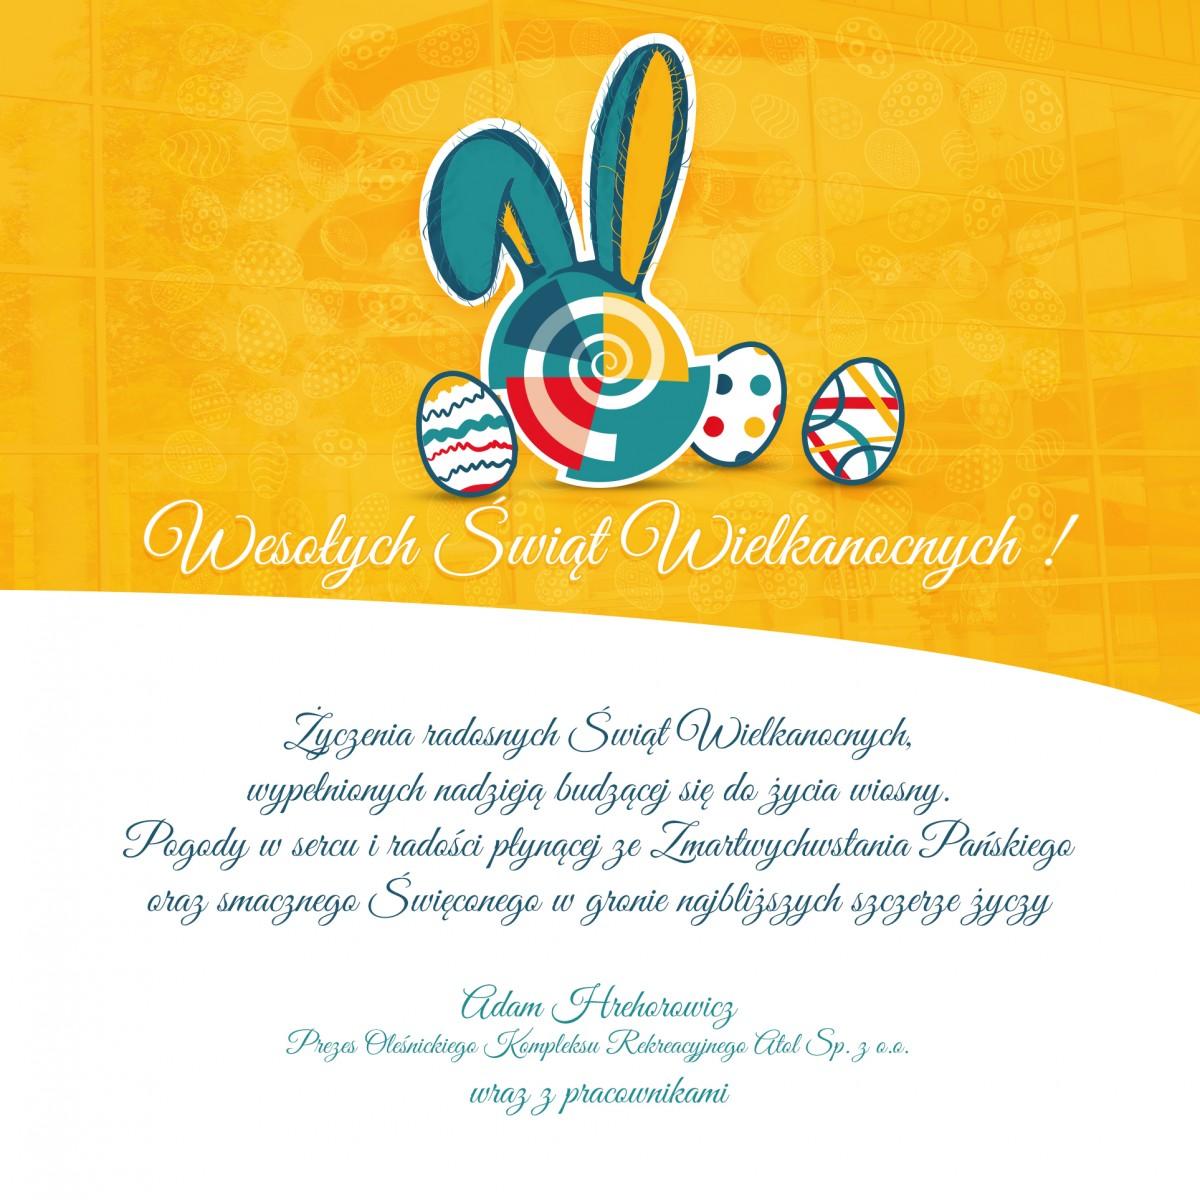 Życzenia Wielkanocne - treść dostępna poniżej